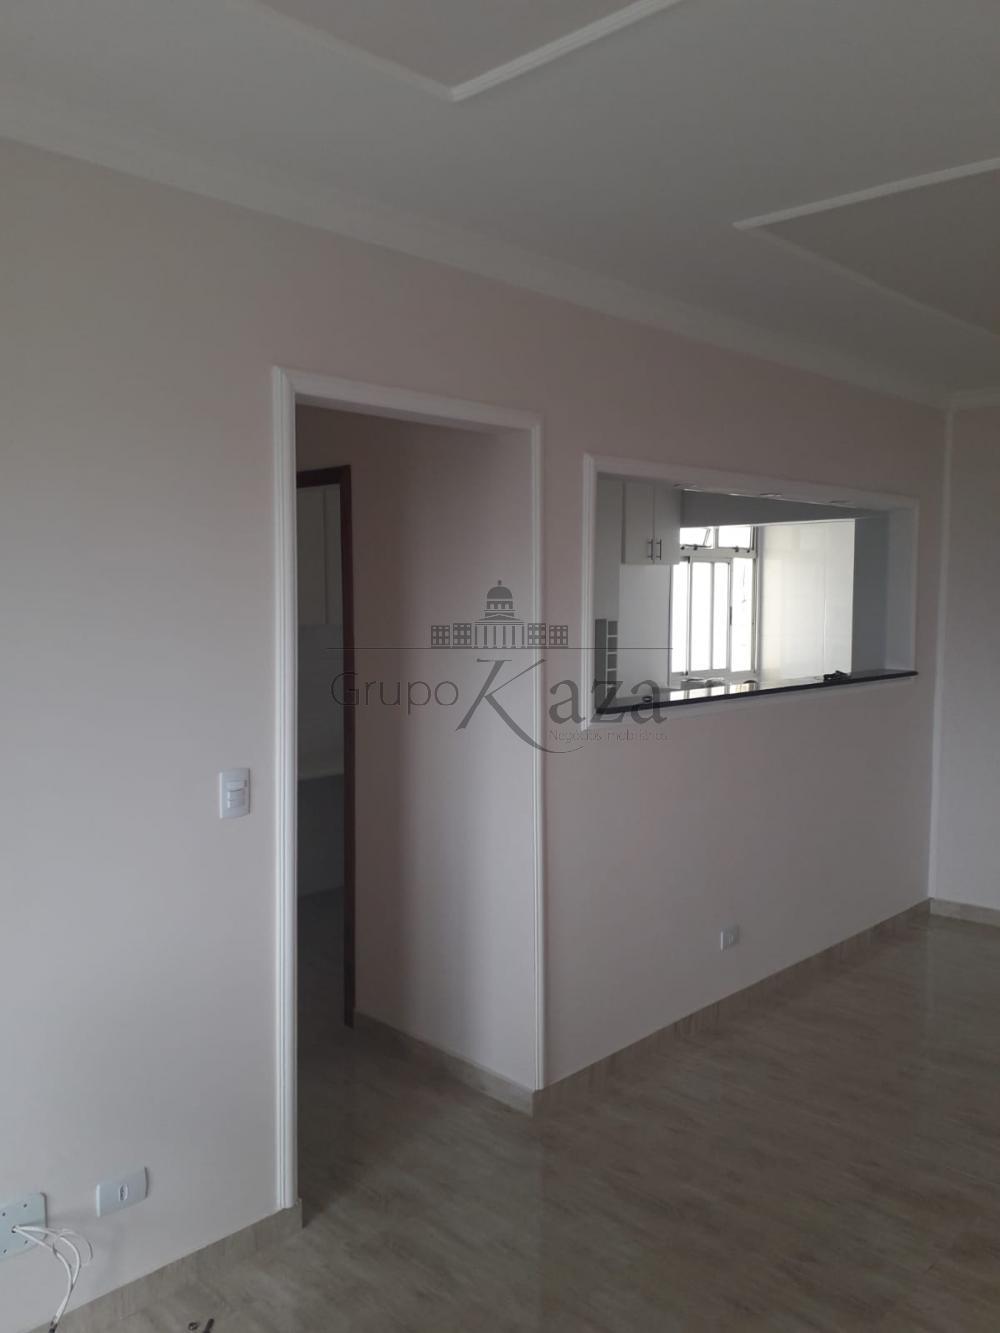 alt='Comprar Apartamento / Padrão em São José dos Campos R$ 373.000,00 - Foto 3' title='Comprar Apartamento / Padrão em São José dos Campos R$ 373.000,00 - Foto 3'